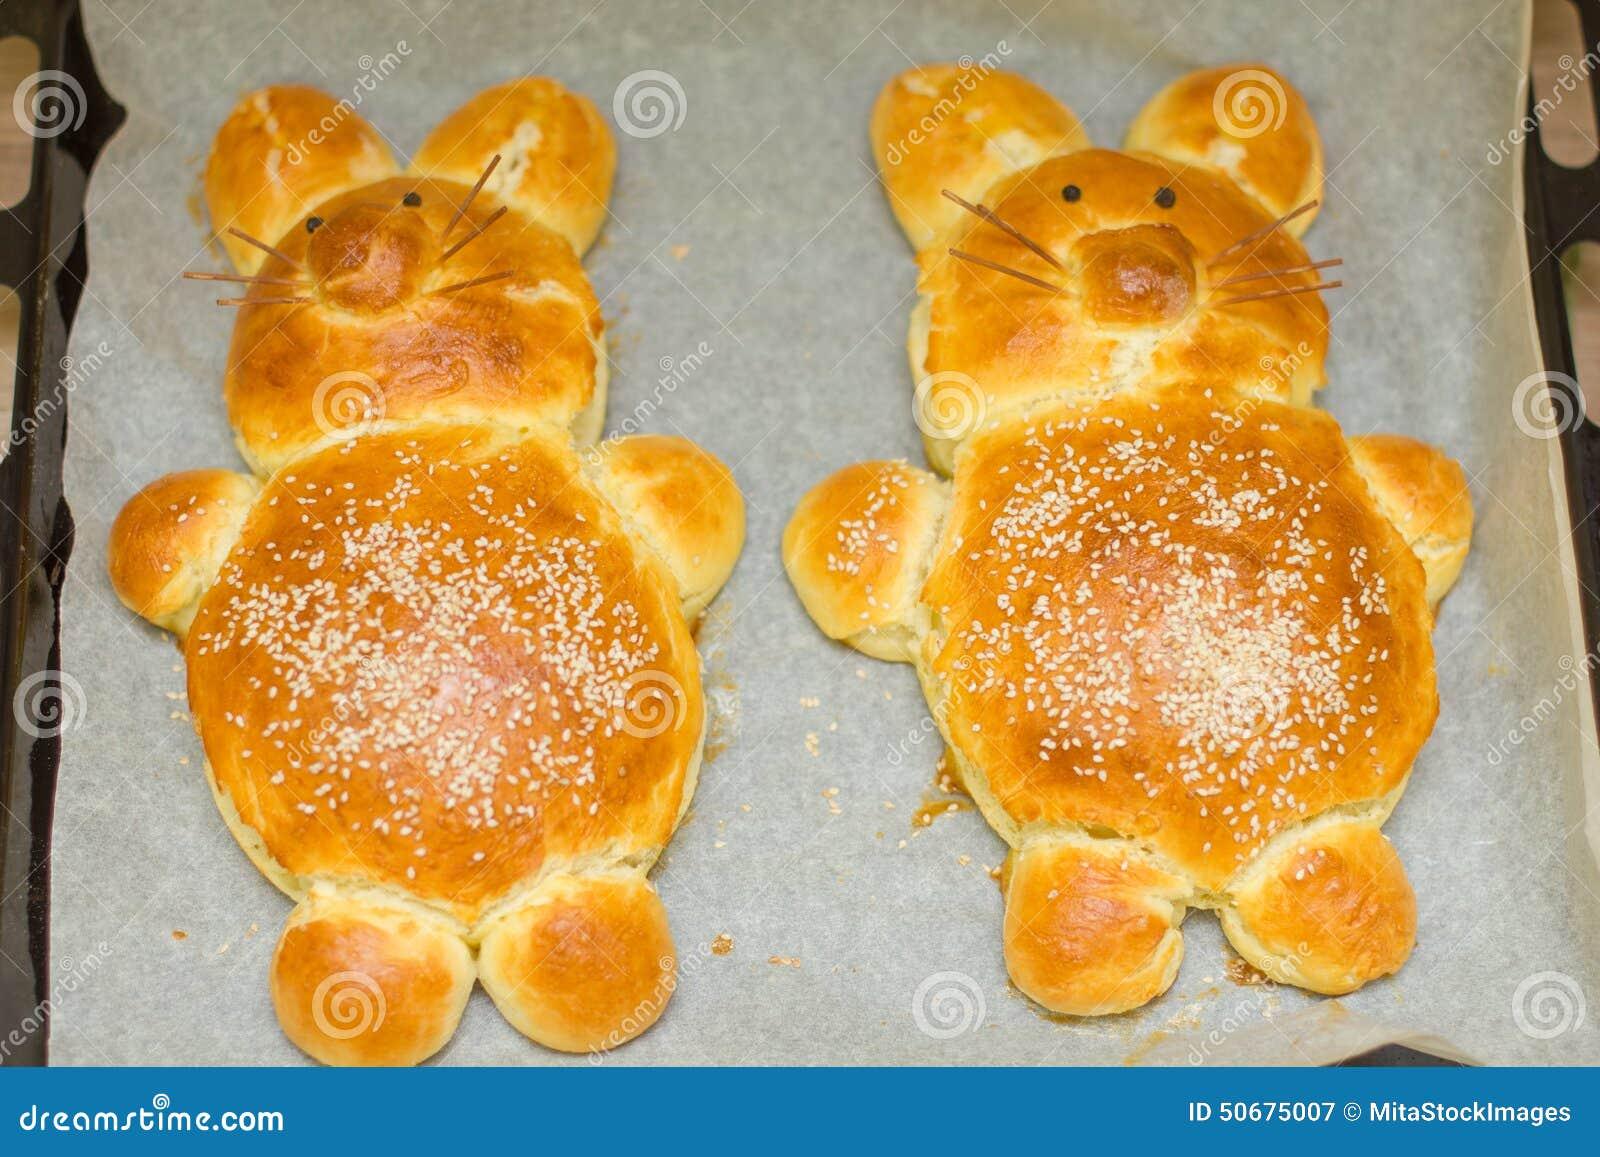 Download 复活节兔子面包 库存图片. 图片 包括有 自创, 季节, 兔宝宝, 复活节, 新近地, 传统, 装饰, 巴西 - 50675007